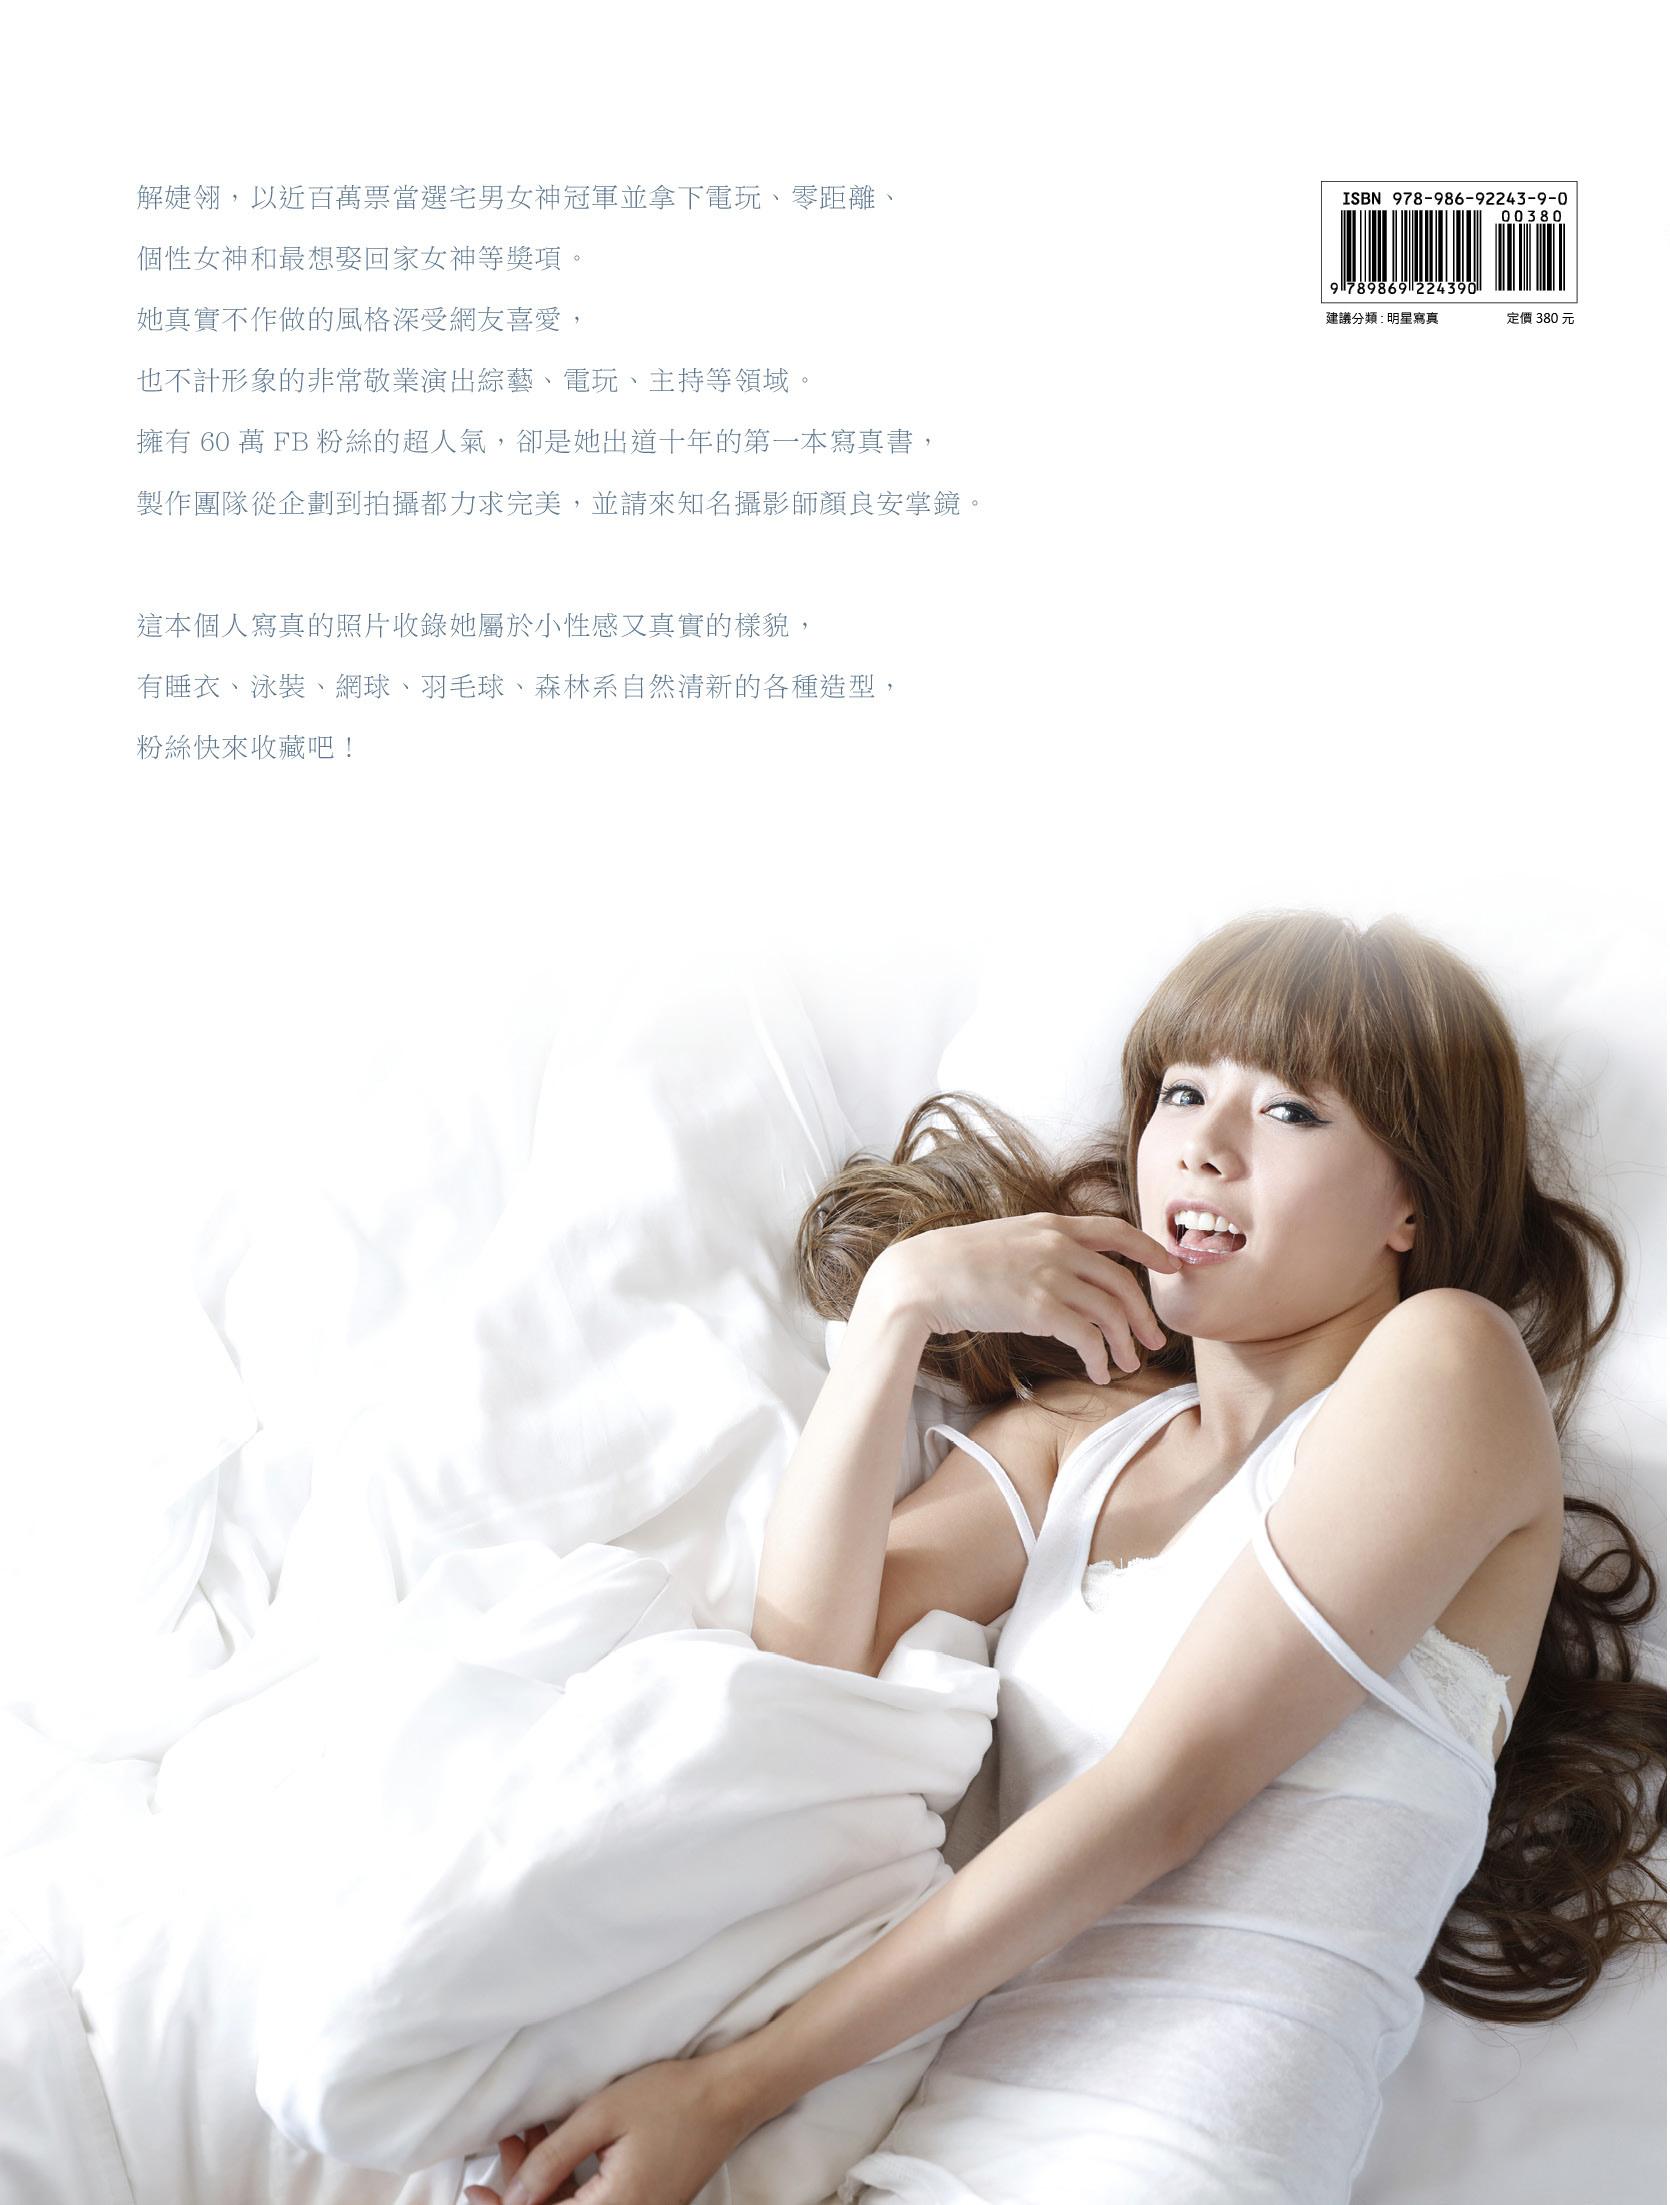 ◤博客來BOOKS◢ 暢銷書榜《推薦》解婕翎 同名寫真